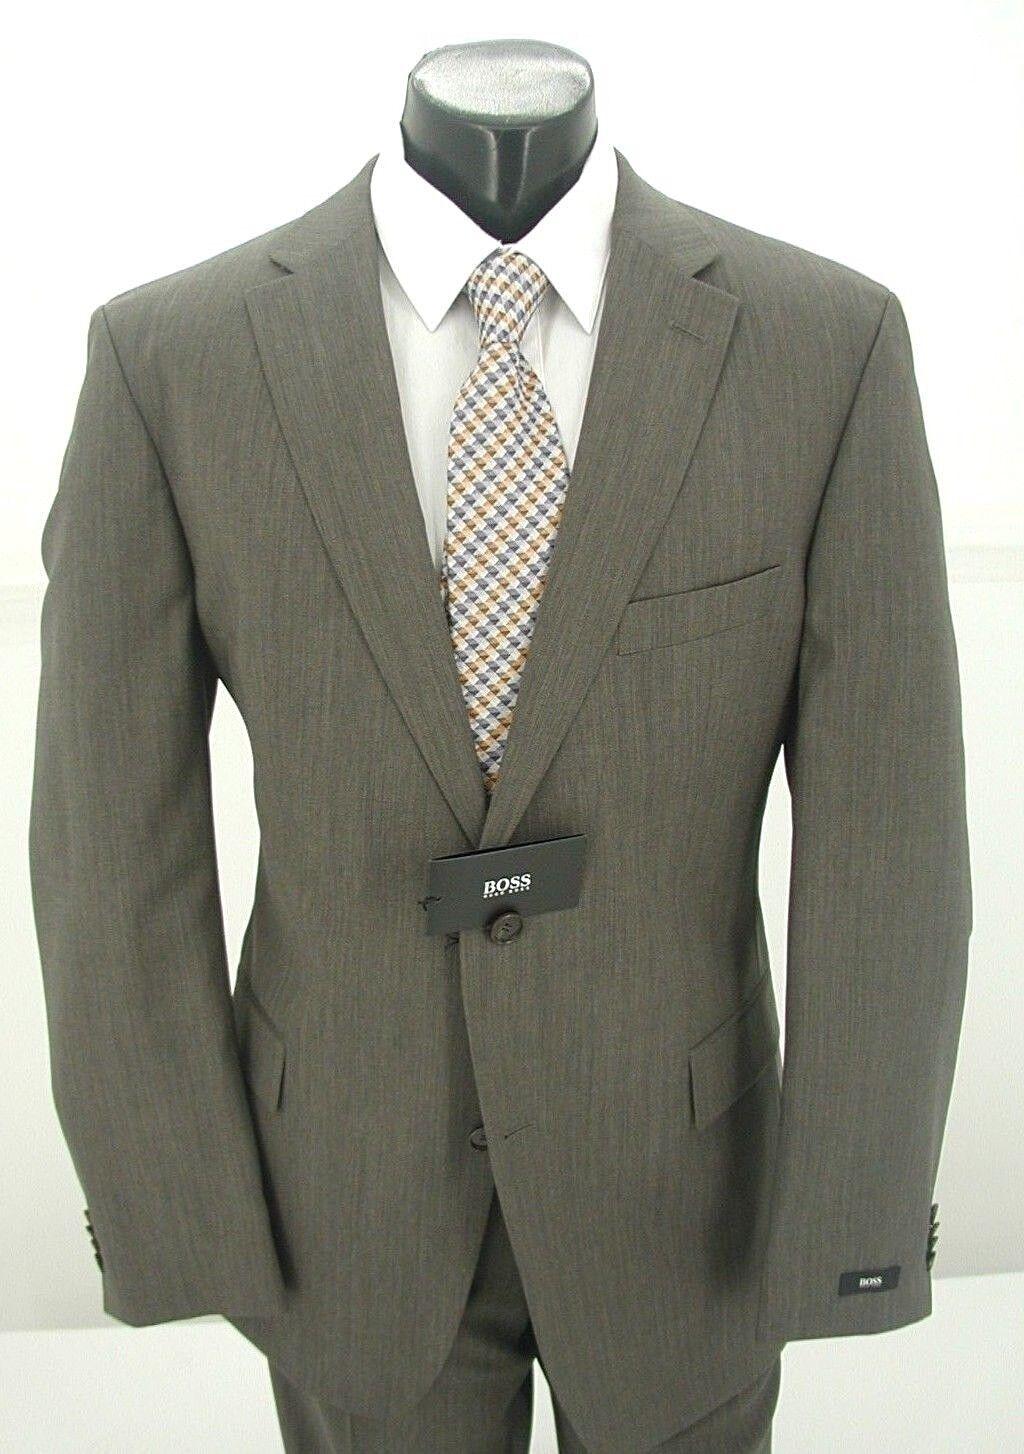 Hugo Boss Taupe 2B Classic Fit Suit Pasolini 2 / Movie 2 329.99  46R